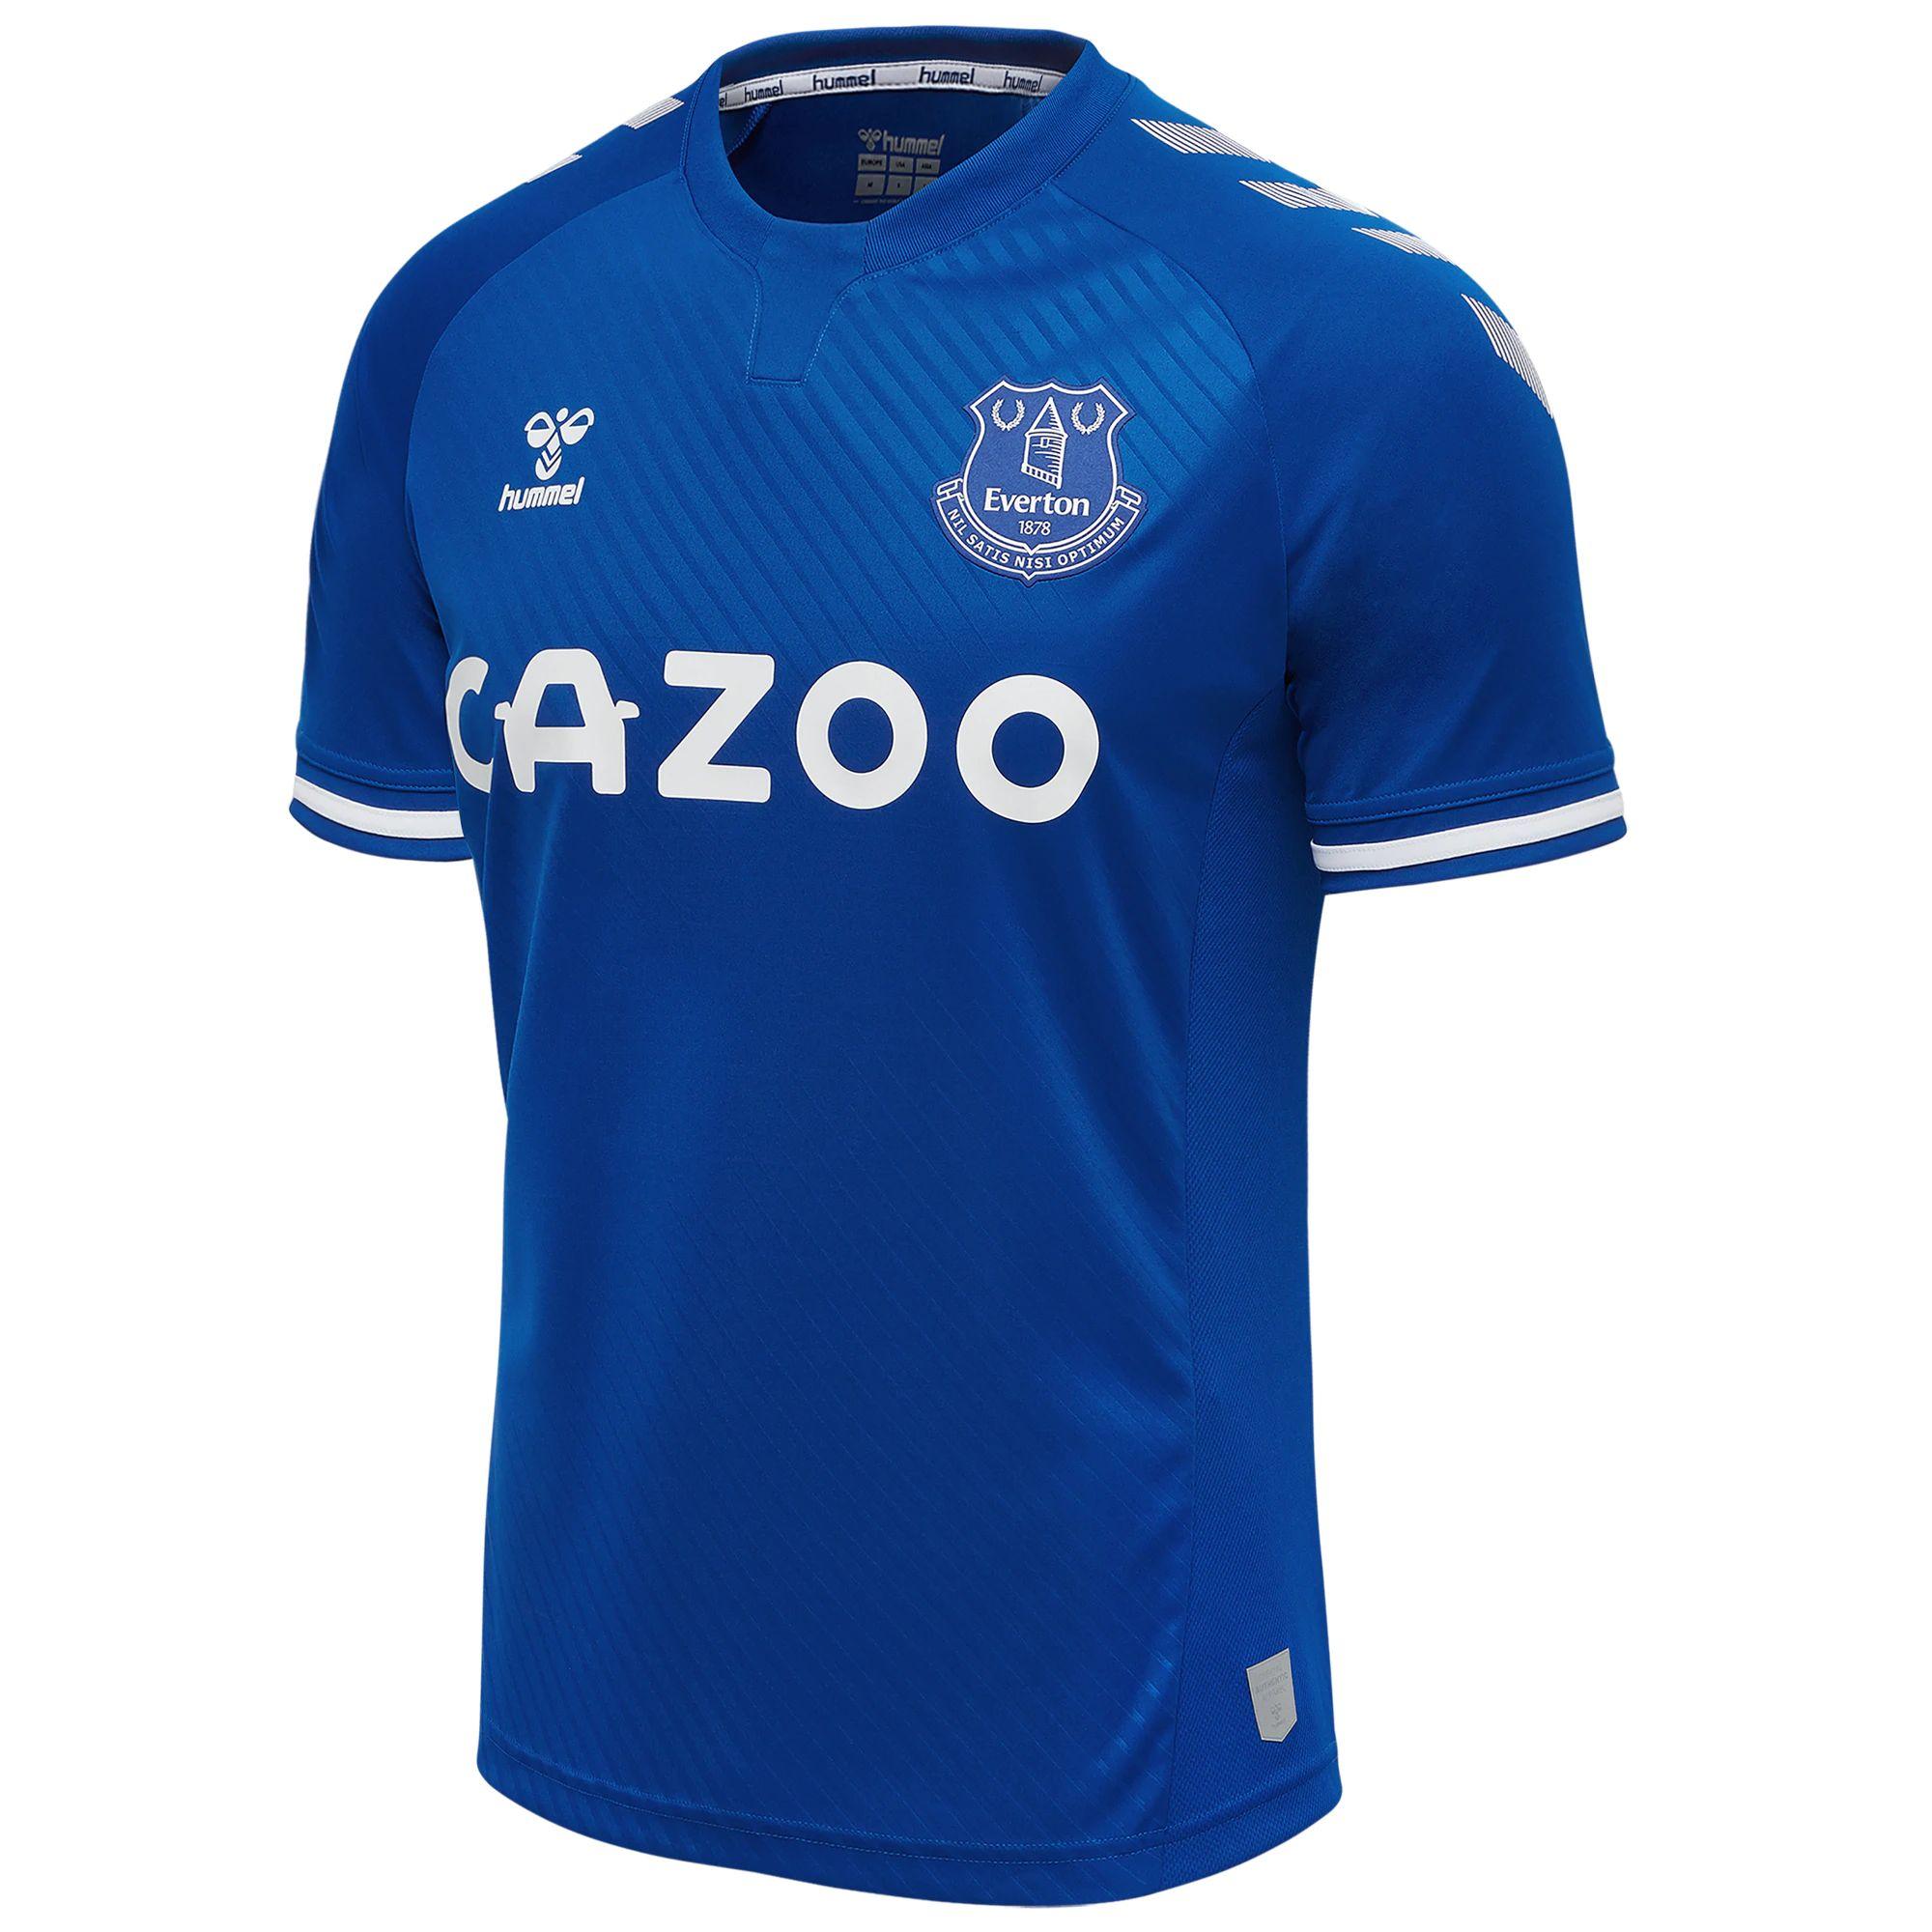 Everton 2020-21 Hummel Home Kit | 20/21 Kits | Football ...